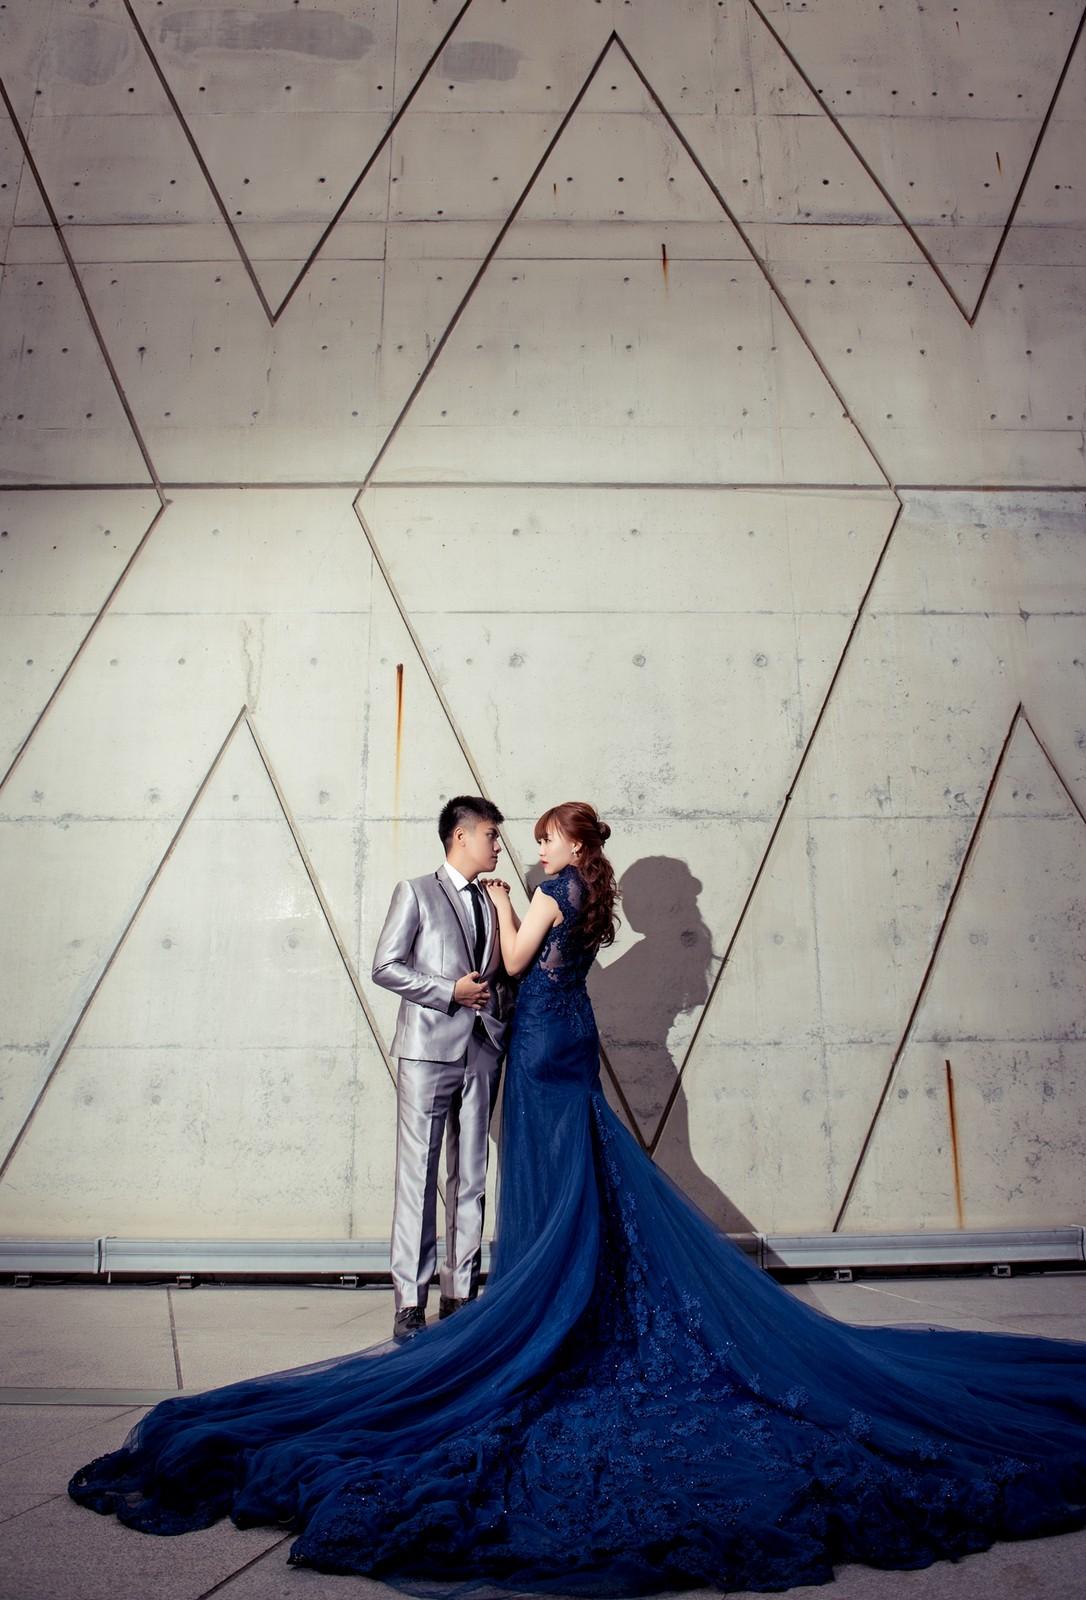 自助婚紗,自主婚紗推薦,高雄 自助婚紗,gx11